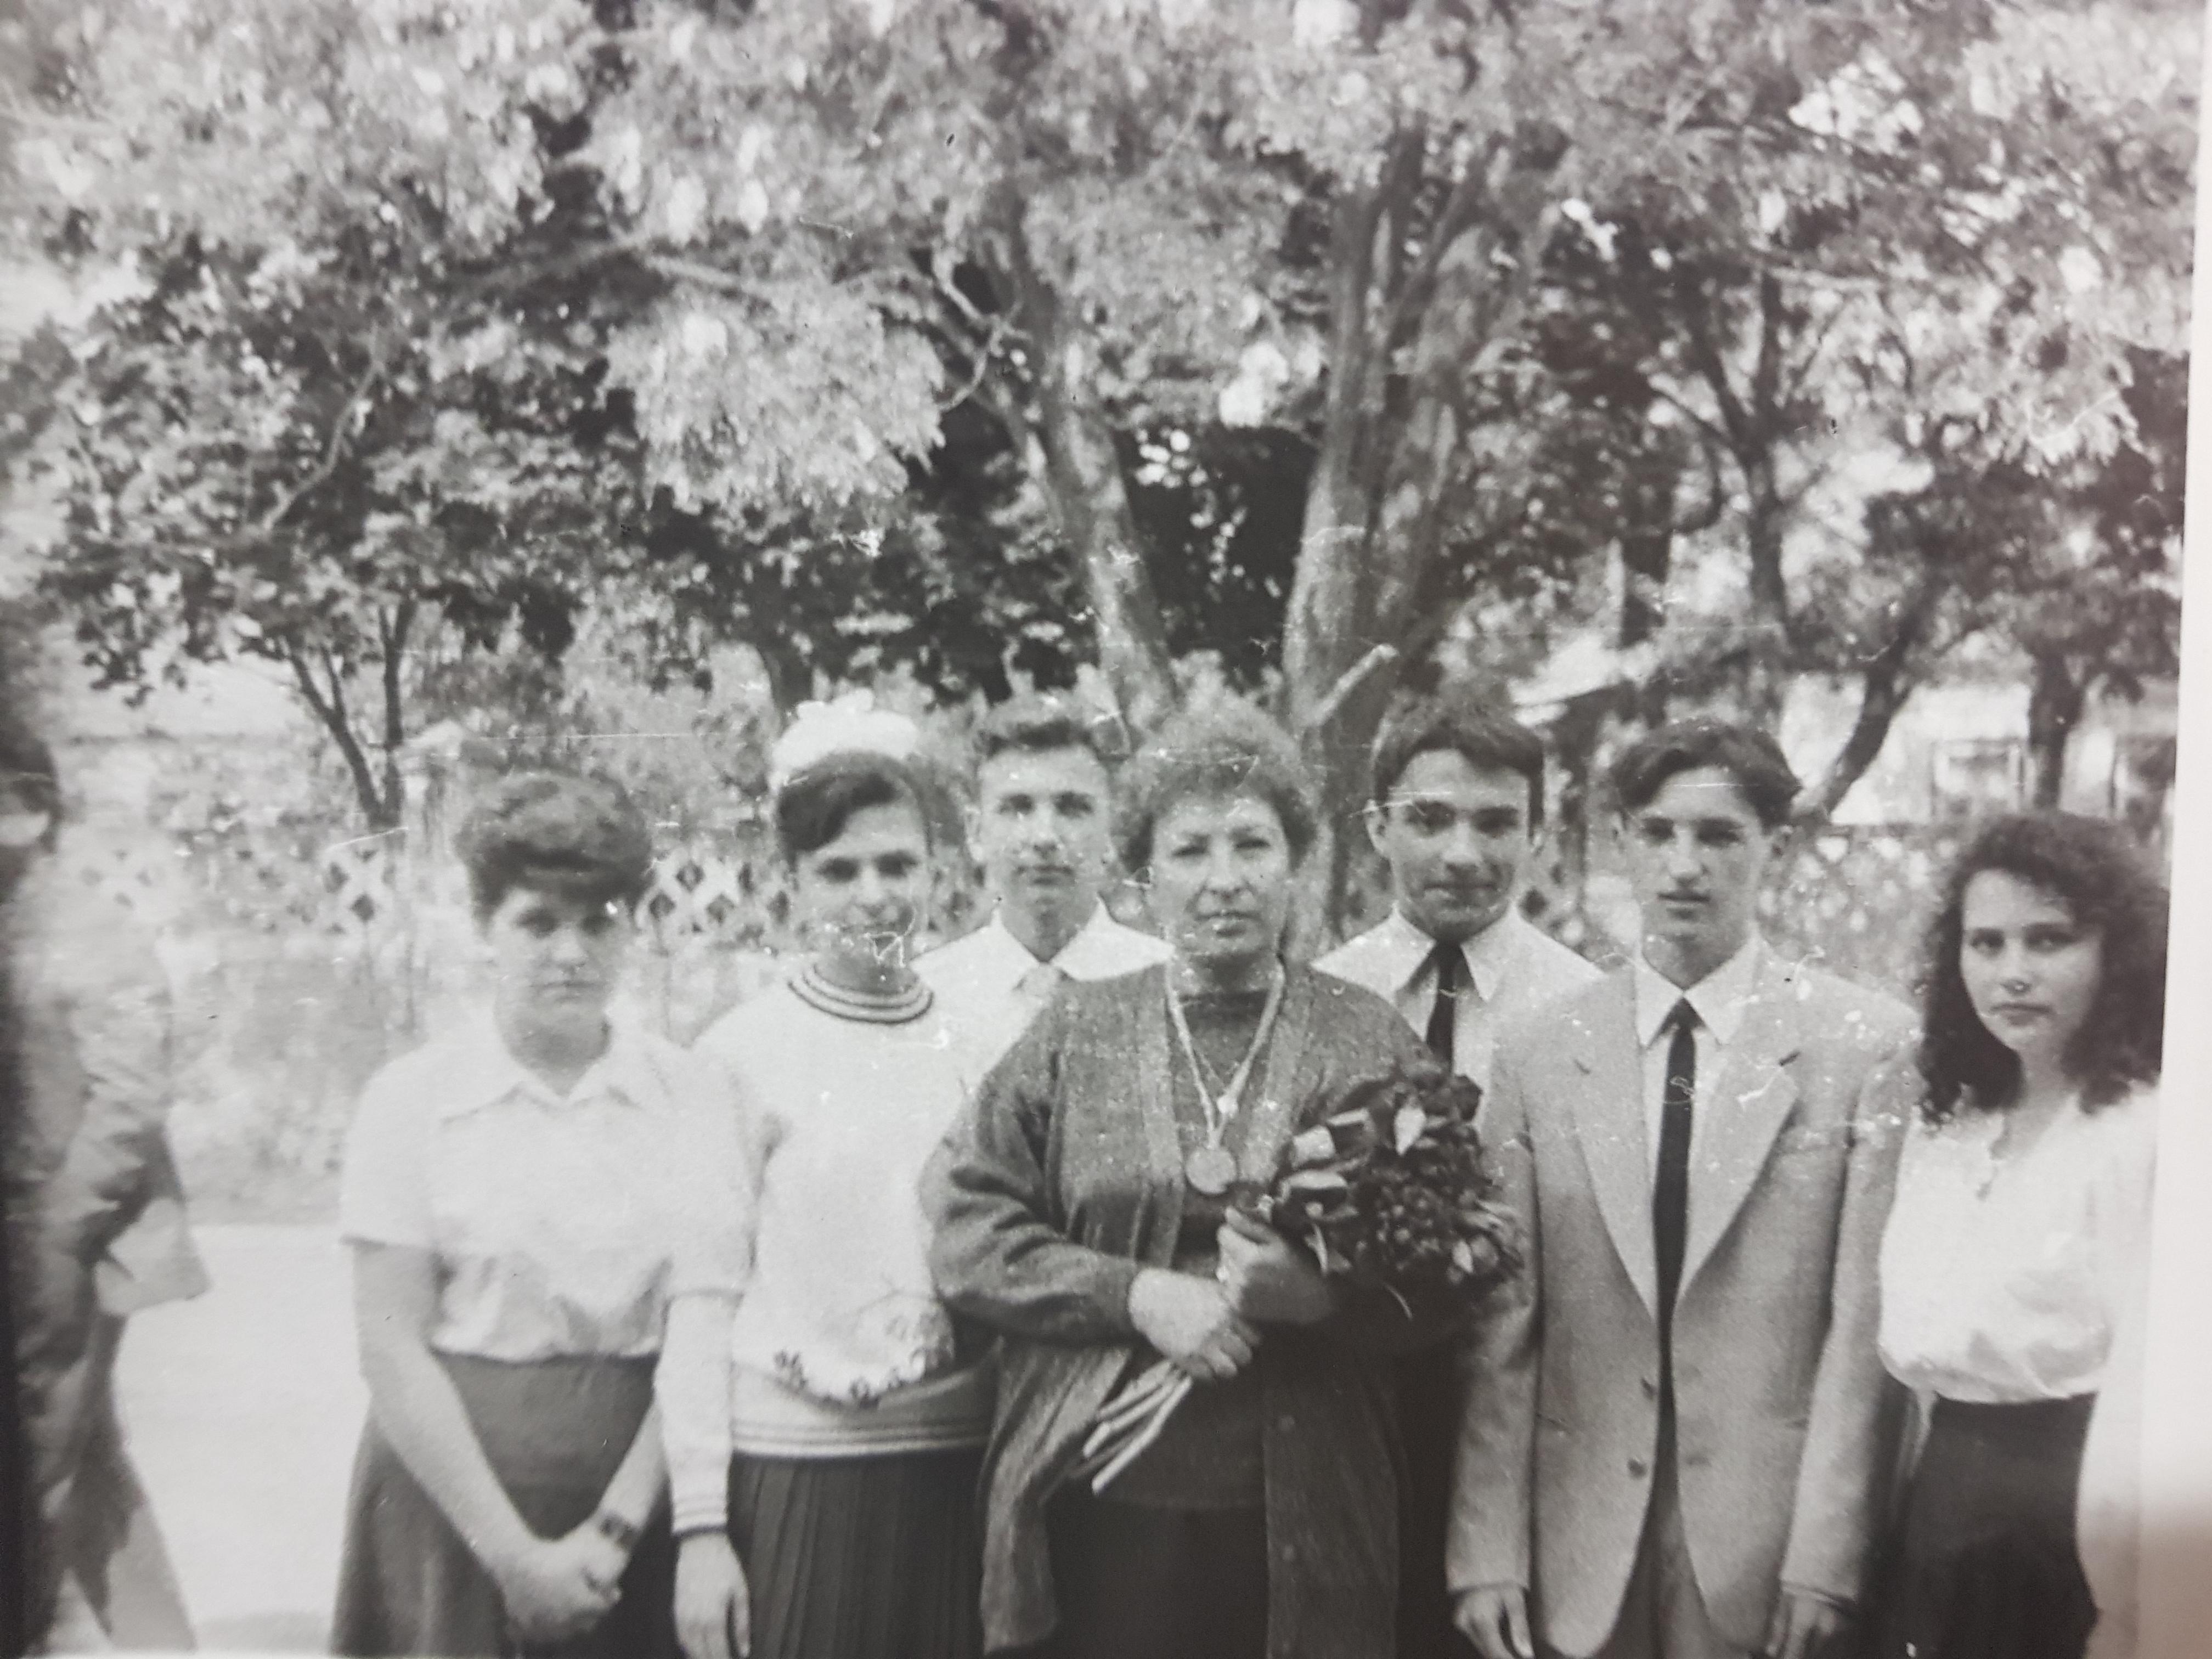 Воспоминания о школьном выпускном во 2-й железнодорожной школе г. Бендеры 1993 г